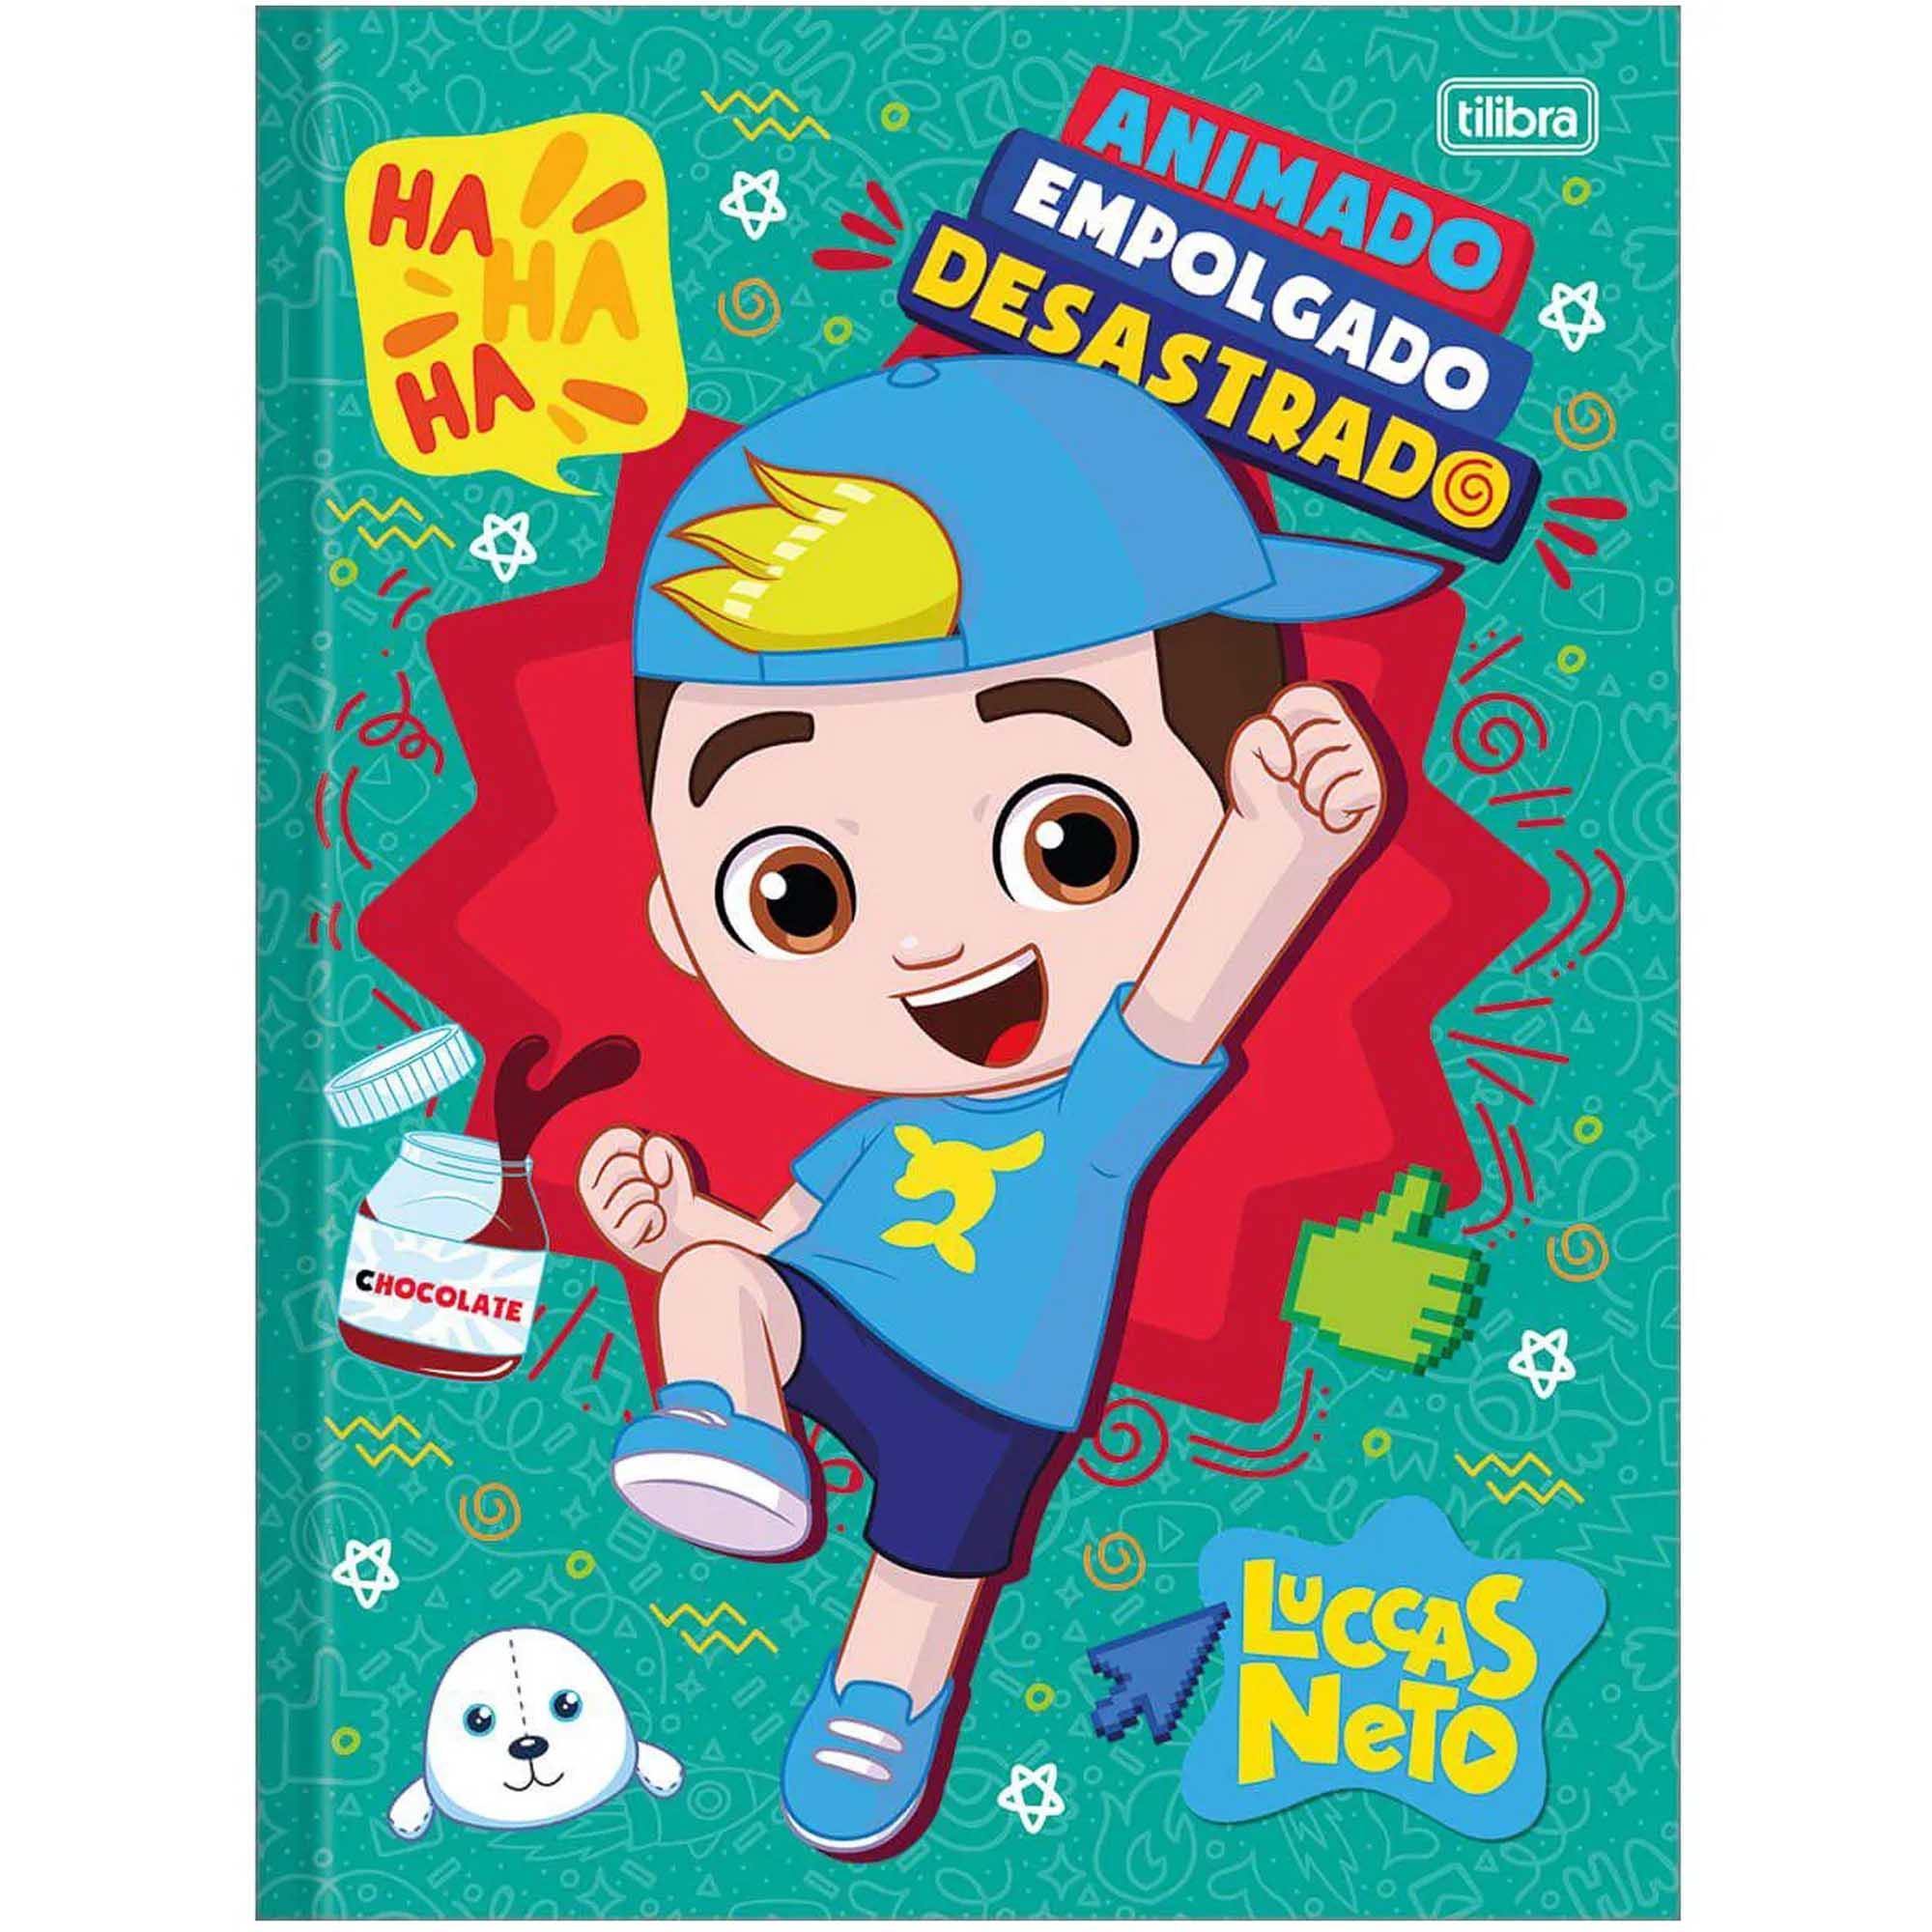 CADERNO 1 MATÉRIA LUCCAS NETO 80 FOLHAS - TILIBRA